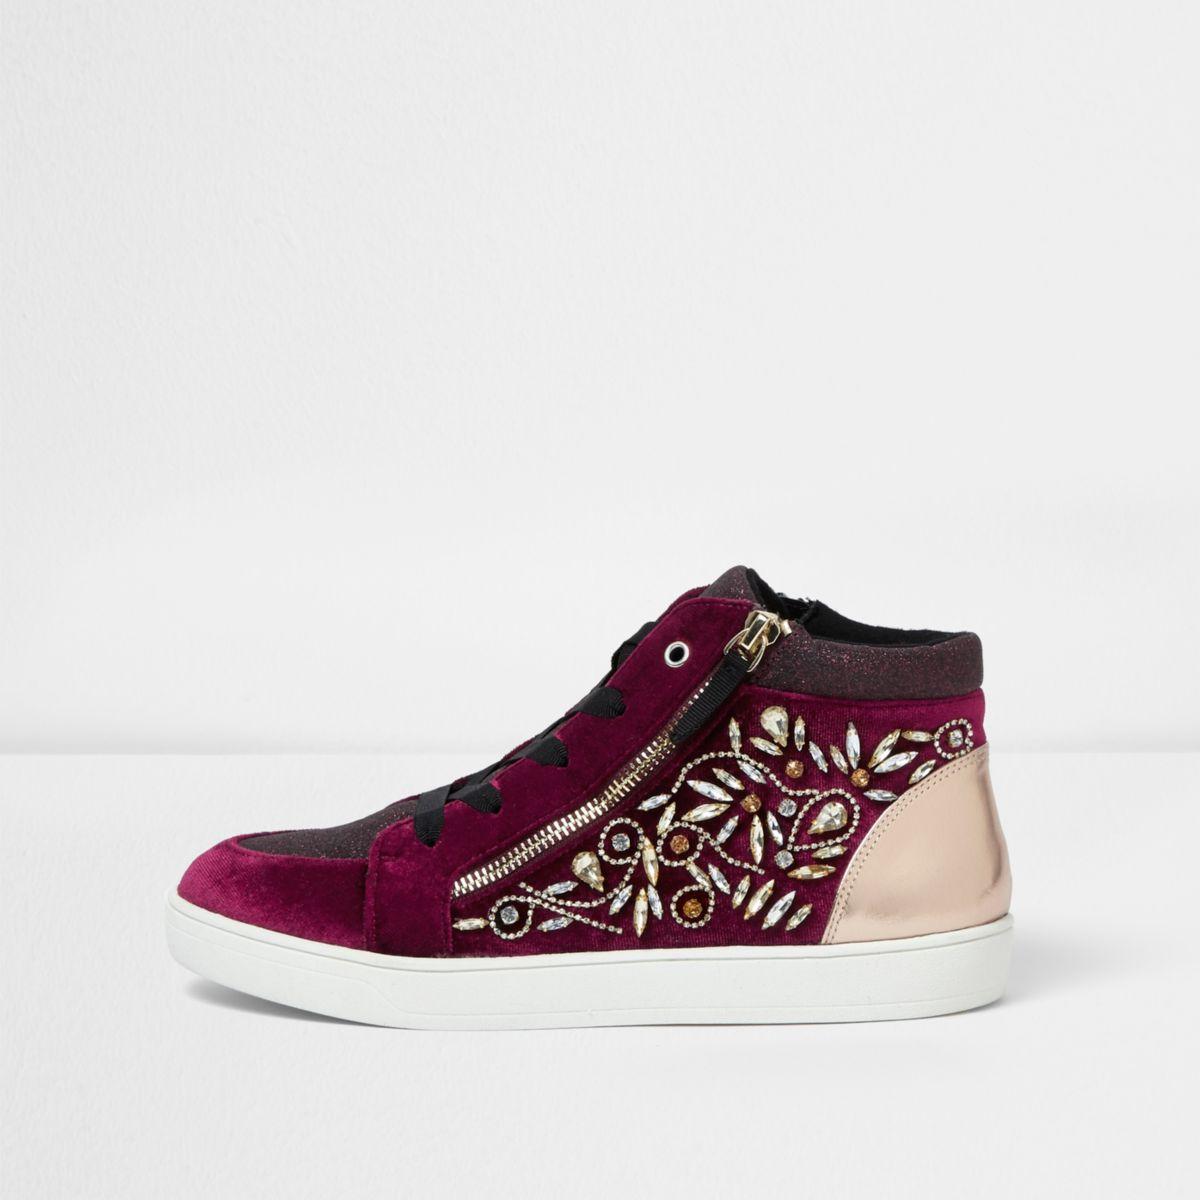 Hoge donkerrode met steentjes versierde sneakers